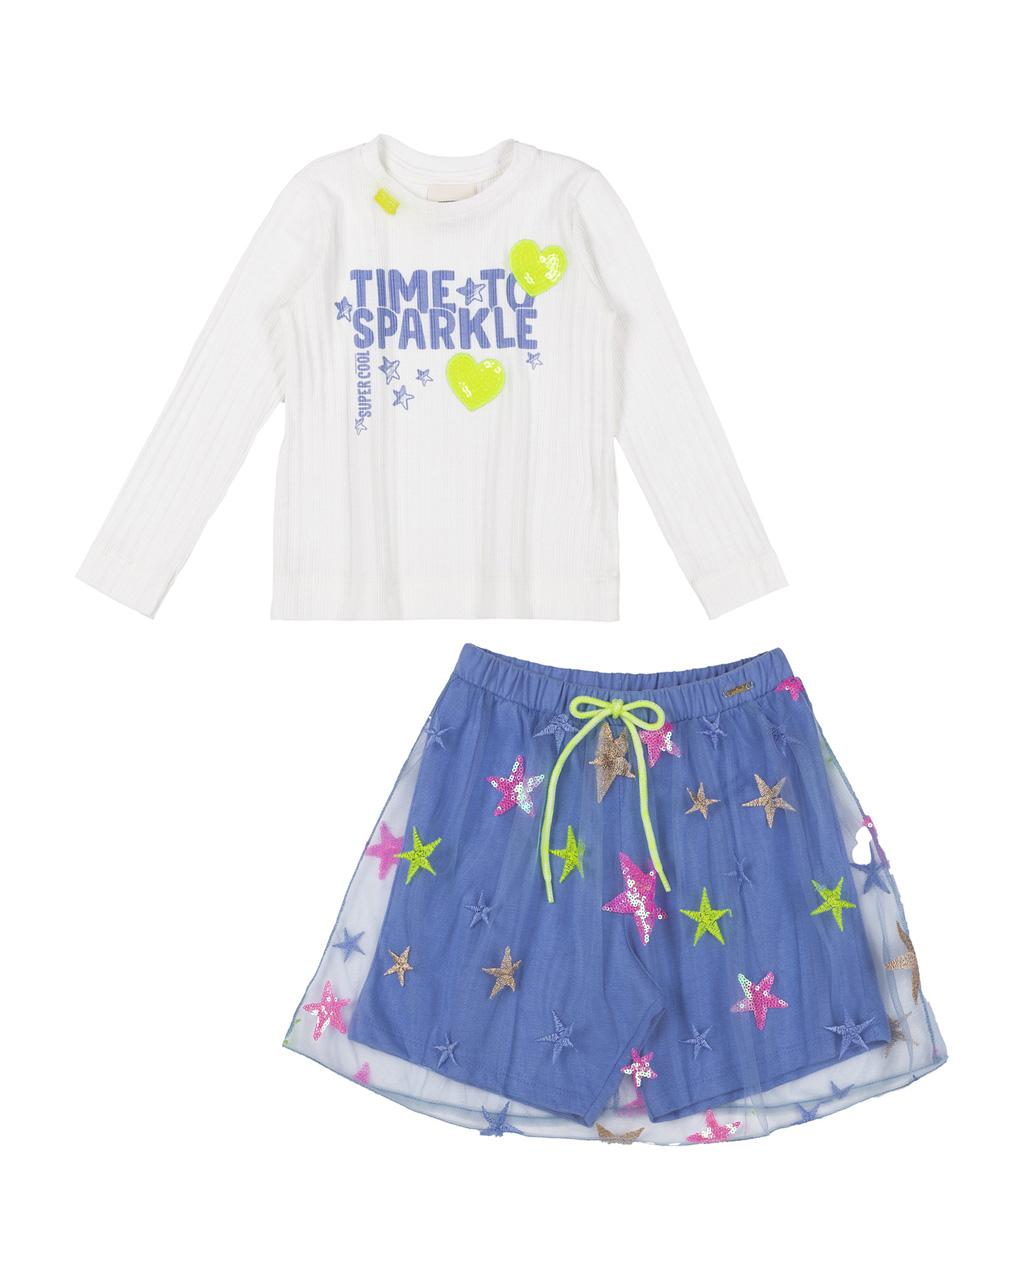 Conjunto Infantil Blusa Canelado Com Silk e Saia Tule Bordado Animê